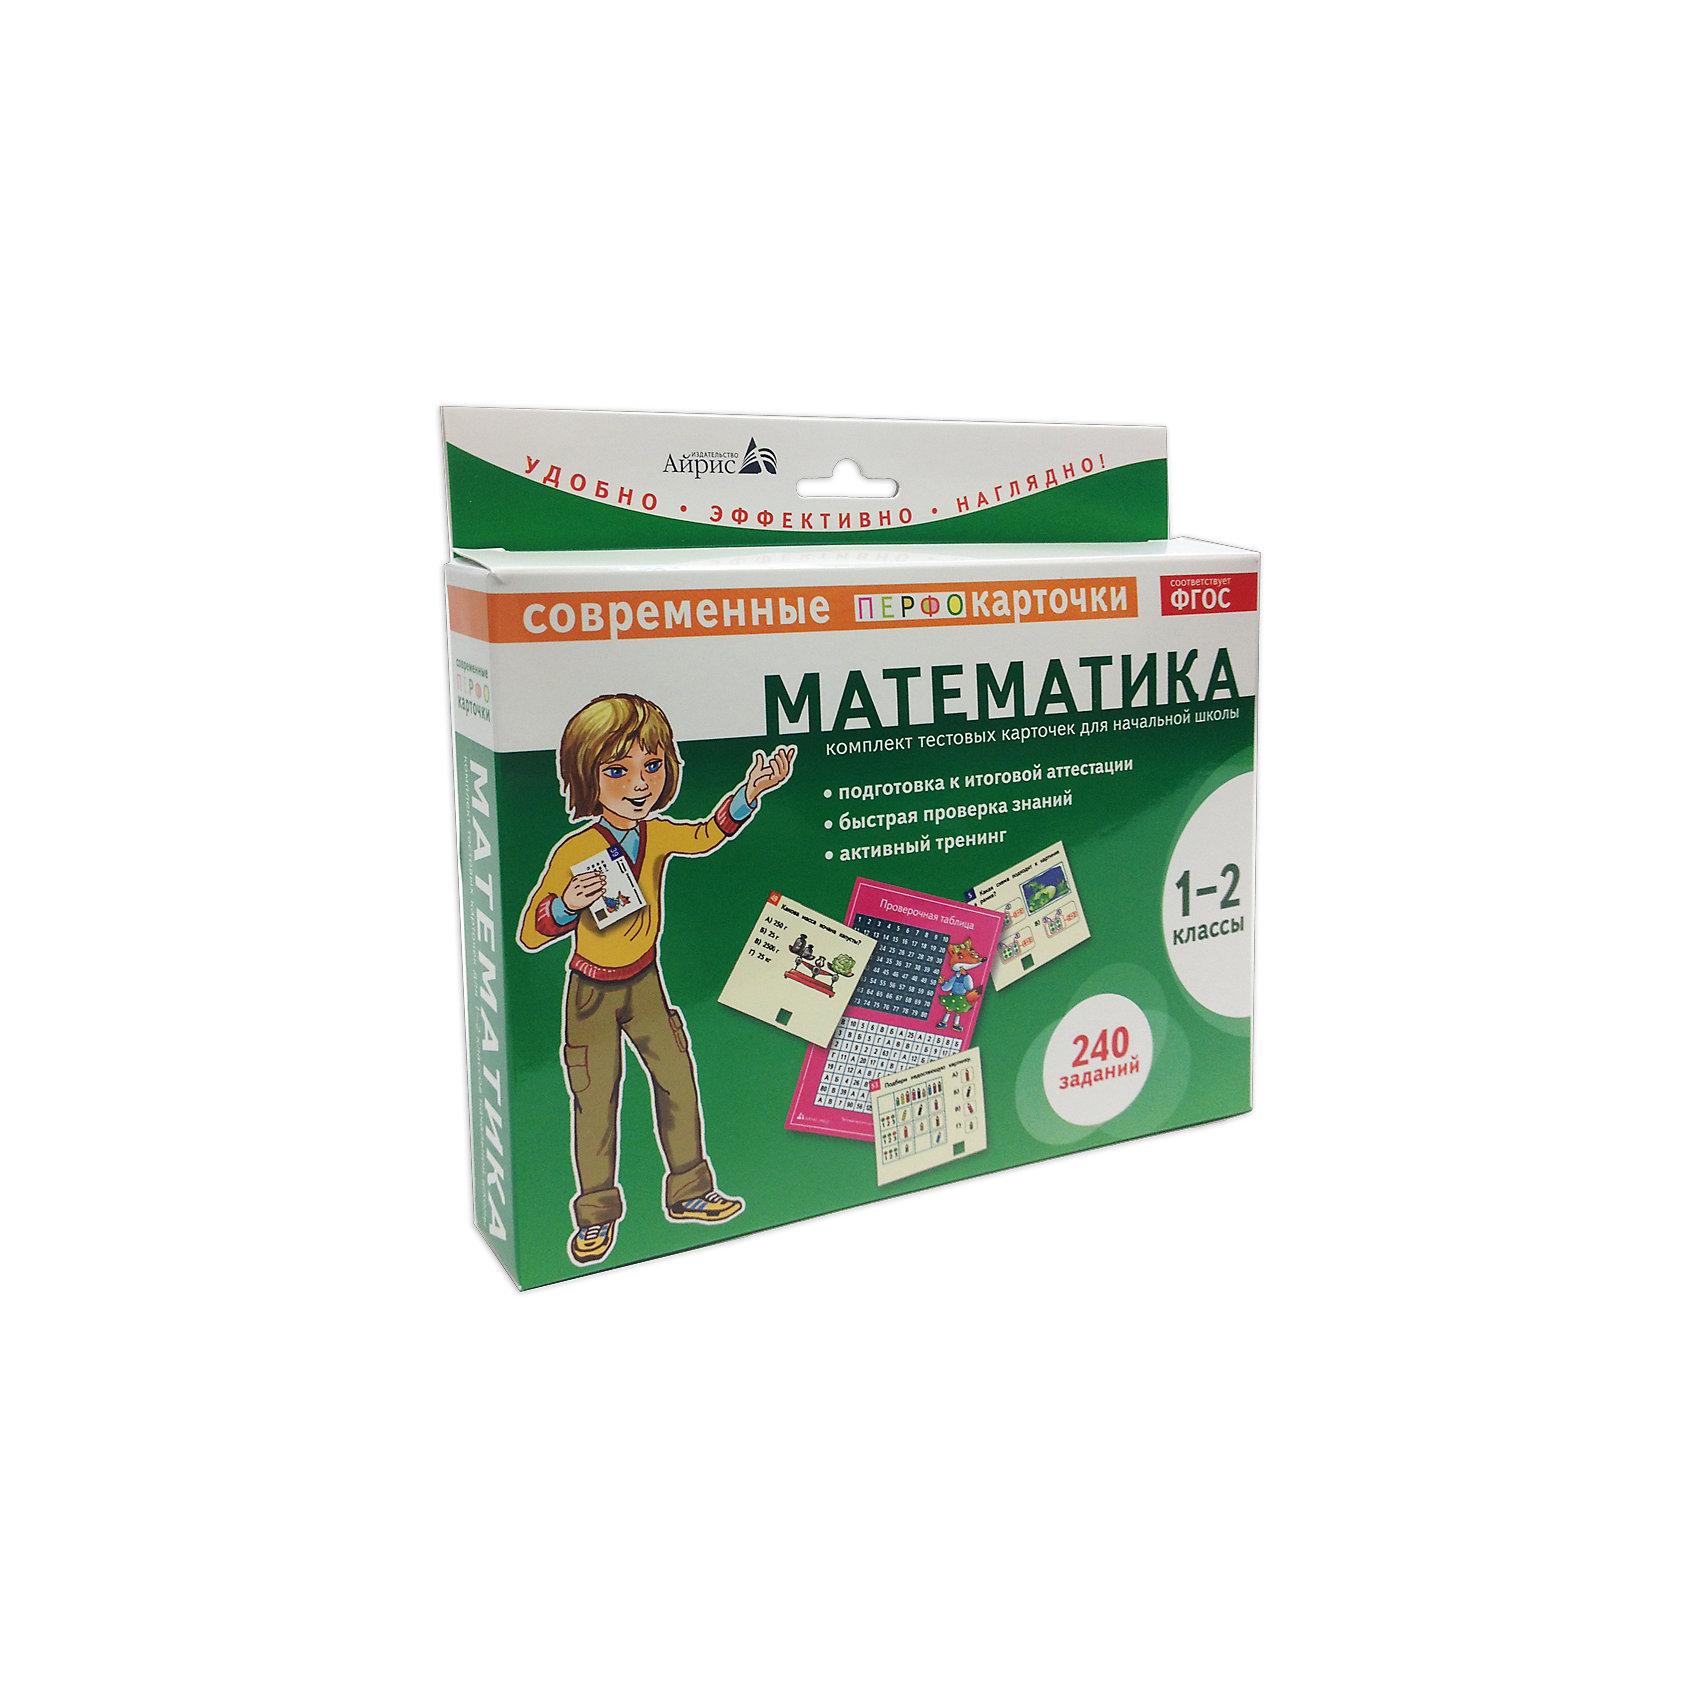 Пособие Математика, 1-2 кл., Куликова Е.Н.Обучение счету<br>Комплект тестовых карточек – это развивающее пособие, рекомендованное для проверки и закрепления учебного материала 1-2 классов по математике. &#13;<br>&#13;<br>В комплект входят: карточки с заданиями, проверочная таблица и памятка для родителей.&#13;<br>Задания сгруппированы по ключевым разделам математики:&#13;<br>ЧИСЛА (44 задания)&#13;<br>ВЕЛИЧИНЫ (36 заданий)&#13;<br>АРИФМЕТИЧЕСКИЕ ДЕЙСТВИЯ (80 заданий)&#13;<br>ПРОСТРАНСТВЕННЫЕ ОТНОШЕНИЯ. ГЕОМЕТРИЧЕСКИЕ ФИГУРЫ. ГЕОМЕТРИЧЕСКИЕ ВЕЛИЧИНЫ (52 задания)&#13;<br>РАБОТА С ИНФОРМАЦИЕЙ (28 заданий)&#13;<br>&#13;<br>Пособие очень удобно в использовании. Краткая инструкция расположена непосредственно на коробке. Важно, что ребёнок, соединив номер на карточке с номером в проверочной таблице, сам может проверить - верный ли ответ.&#13;<br>&#13;<br>Занятия с карточками способствуют развитию наглядно-образного мышления, внимательности, наблюдательности, учат анализировать и логически объяснять решение.&#13;<br>&#13;<br>Оптимальная подача учебного материала, оригинальный дизайн, яркие иллюстрации и  краткие задания сделают подготовку итоговому тестированию с данным пособием  лёгкой и интересной.<br><br>Ширина мм: 28<br>Глубина мм: 200<br>Высота мм: 185<br>Вес г: 345<br>Возраст от месяцев: 84<br>Возраст до месяцев: 108<br>Пол: Унисекс<br>Возраст: Детский<br>SKU: 6849630